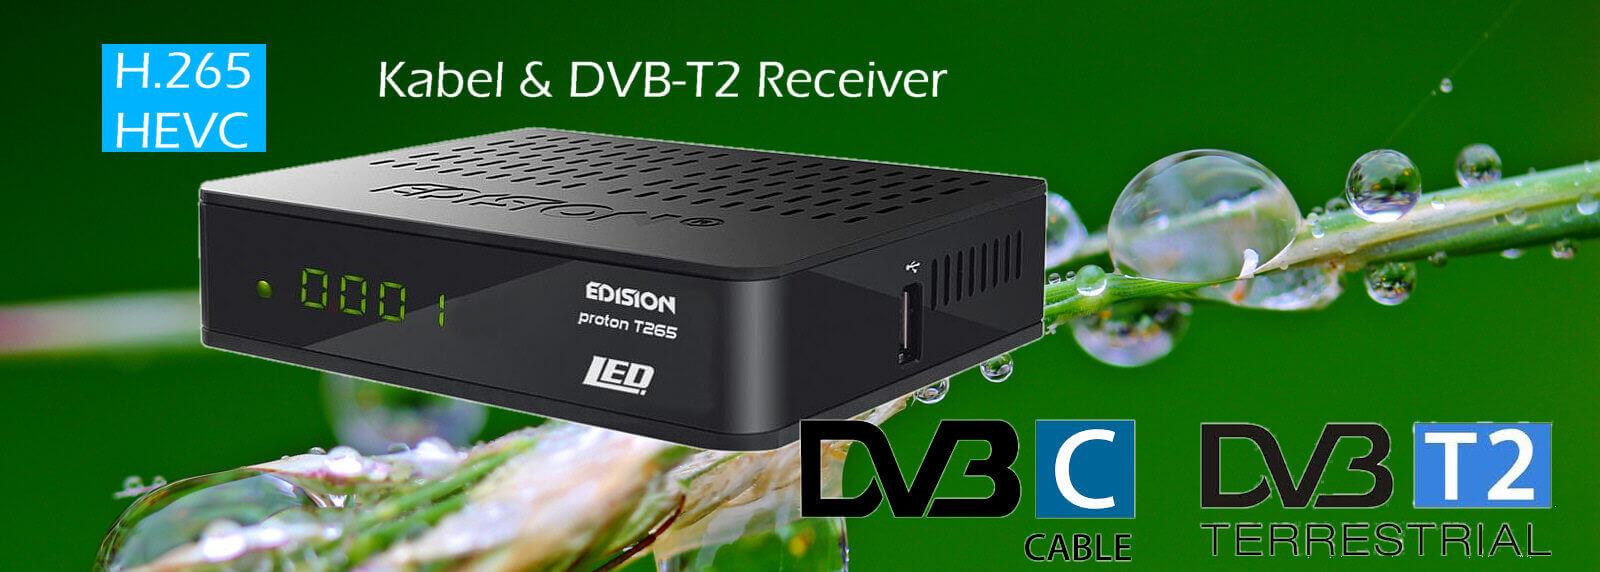 Kabel & DVB-T2 Receiver Edision